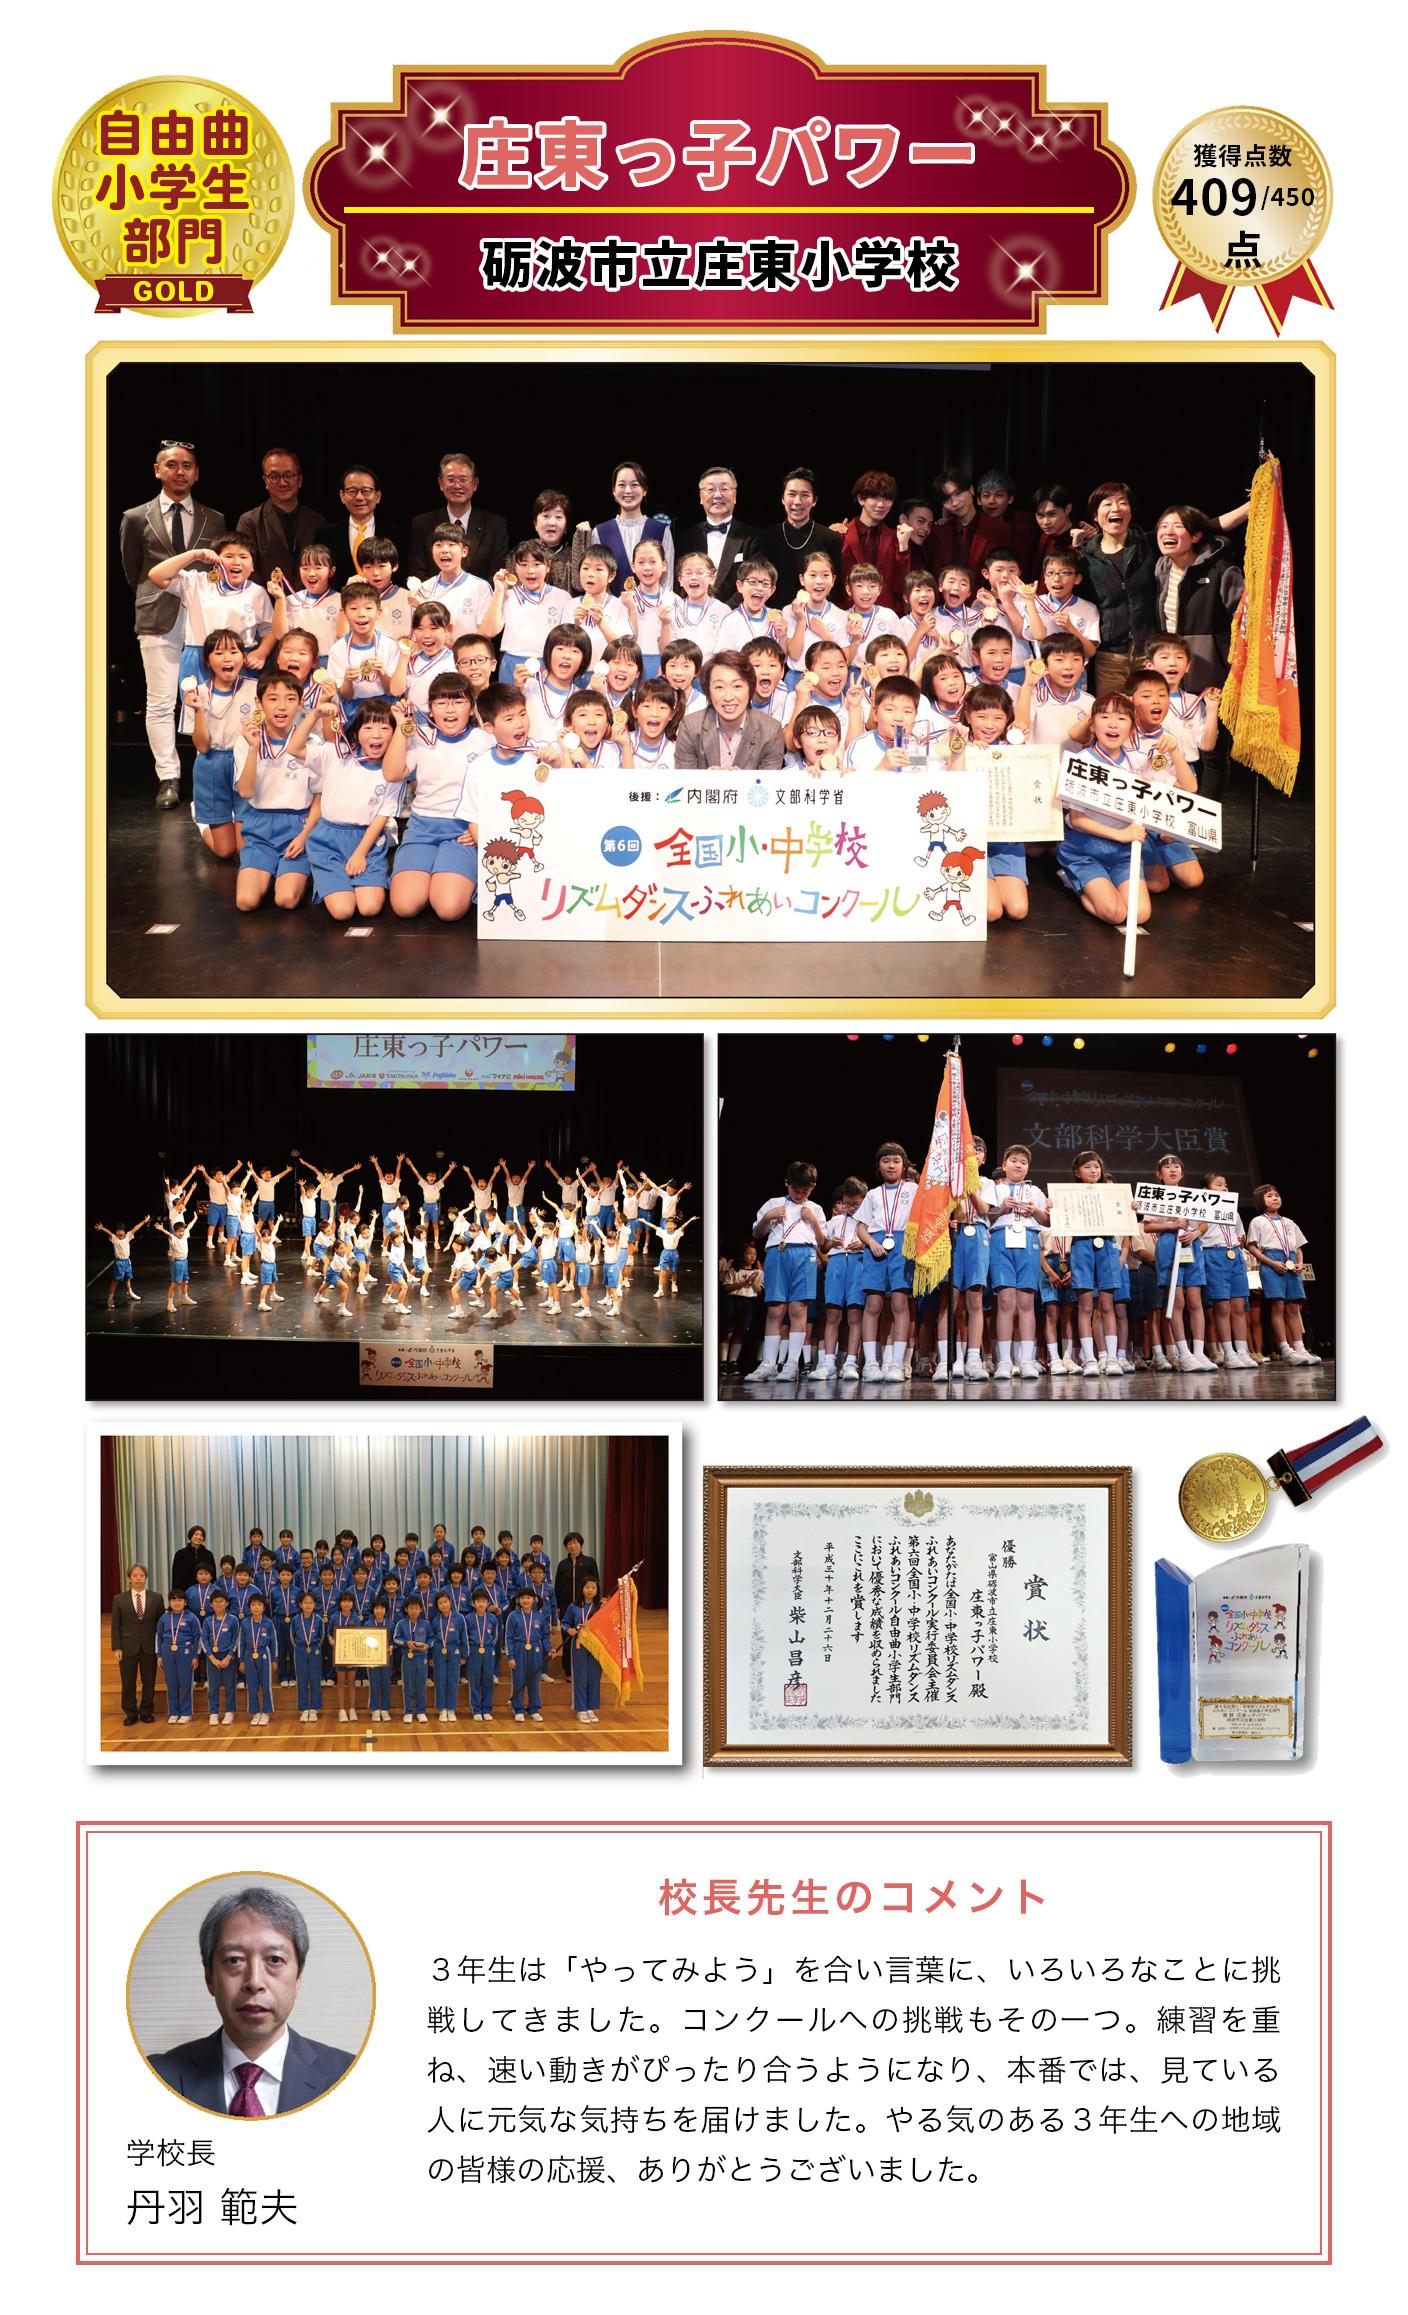 【自由曲 小学生部門】文部科学大臣賞